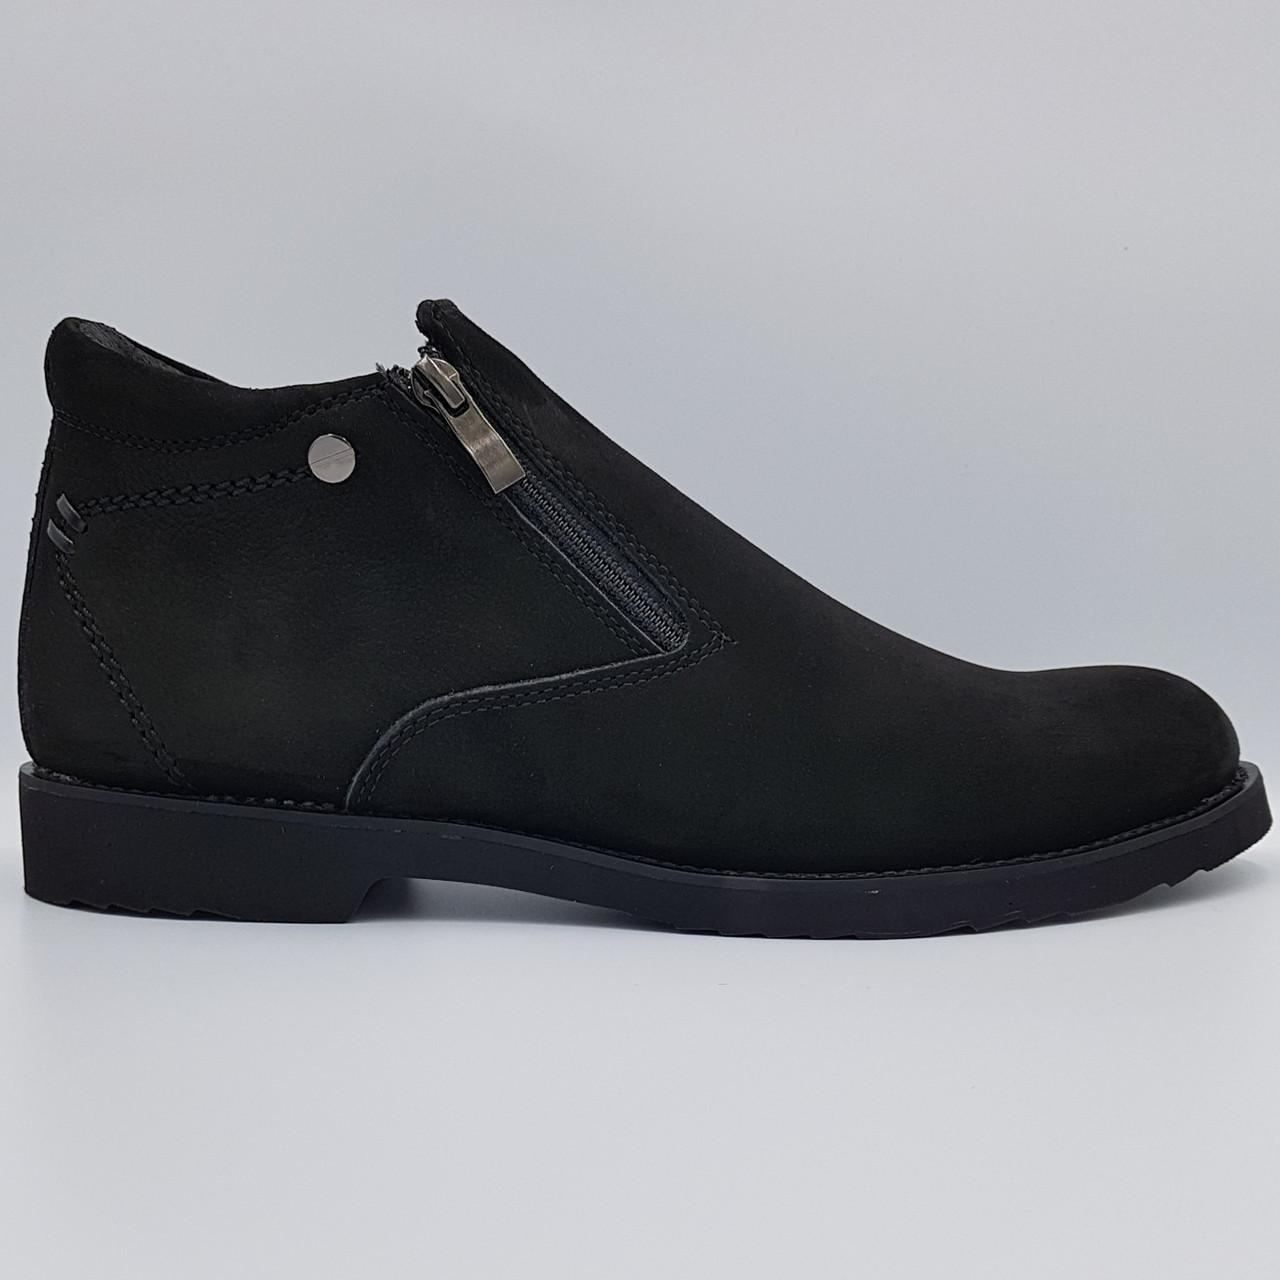 Зимние кожаные мужские ботинки Dan Shoes черные B0030/30